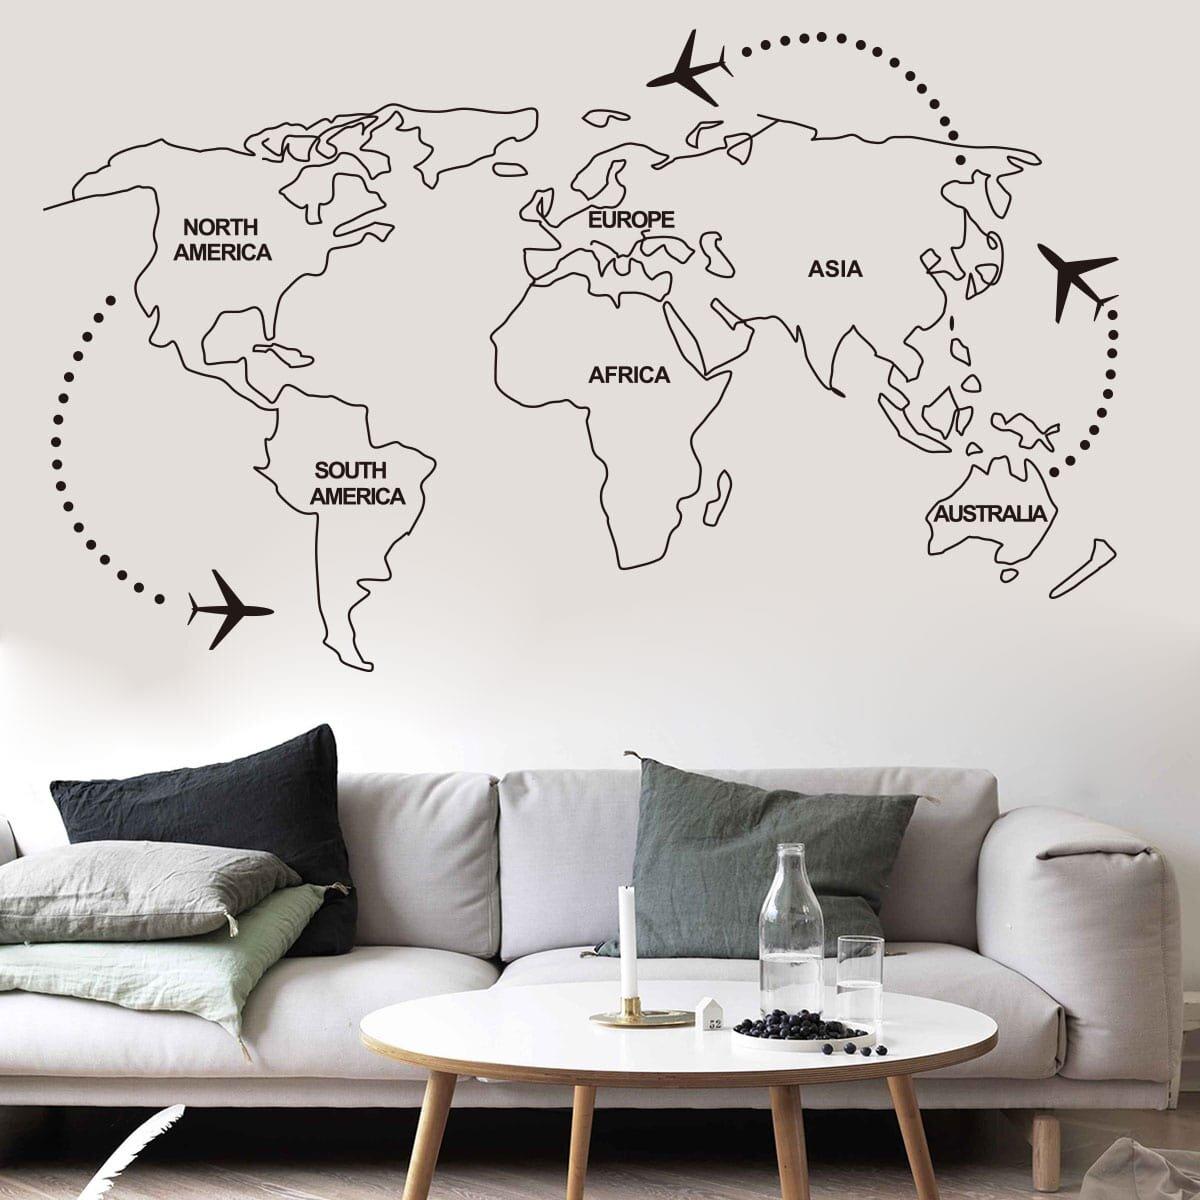 Печать интерьерных наклеек карта мира в Москве | фото 2